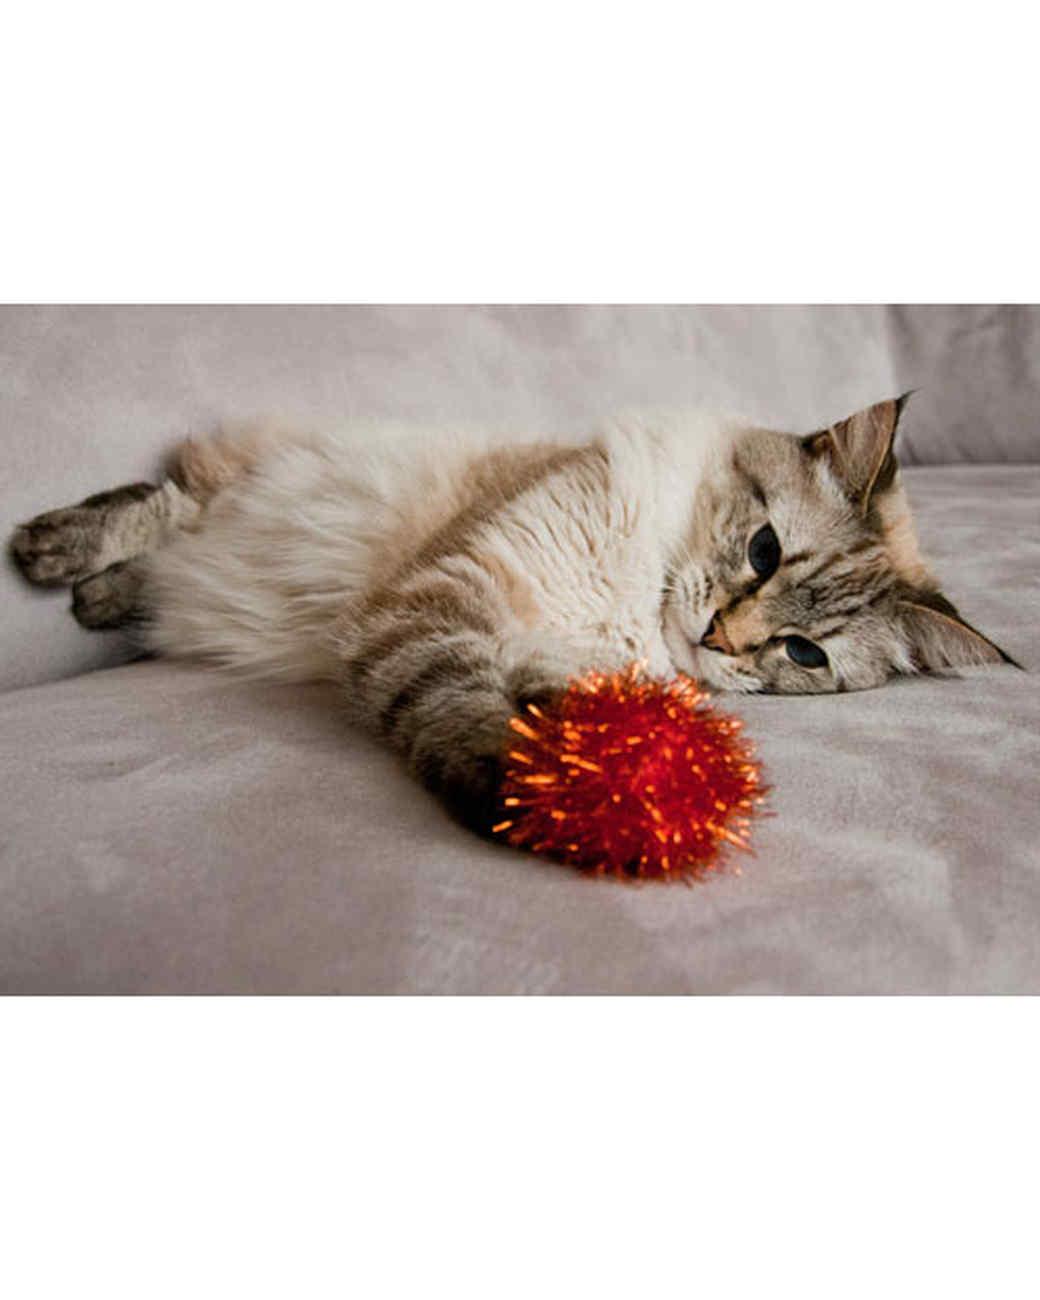 pets-at-play-0311-13165721_18309412.jpg